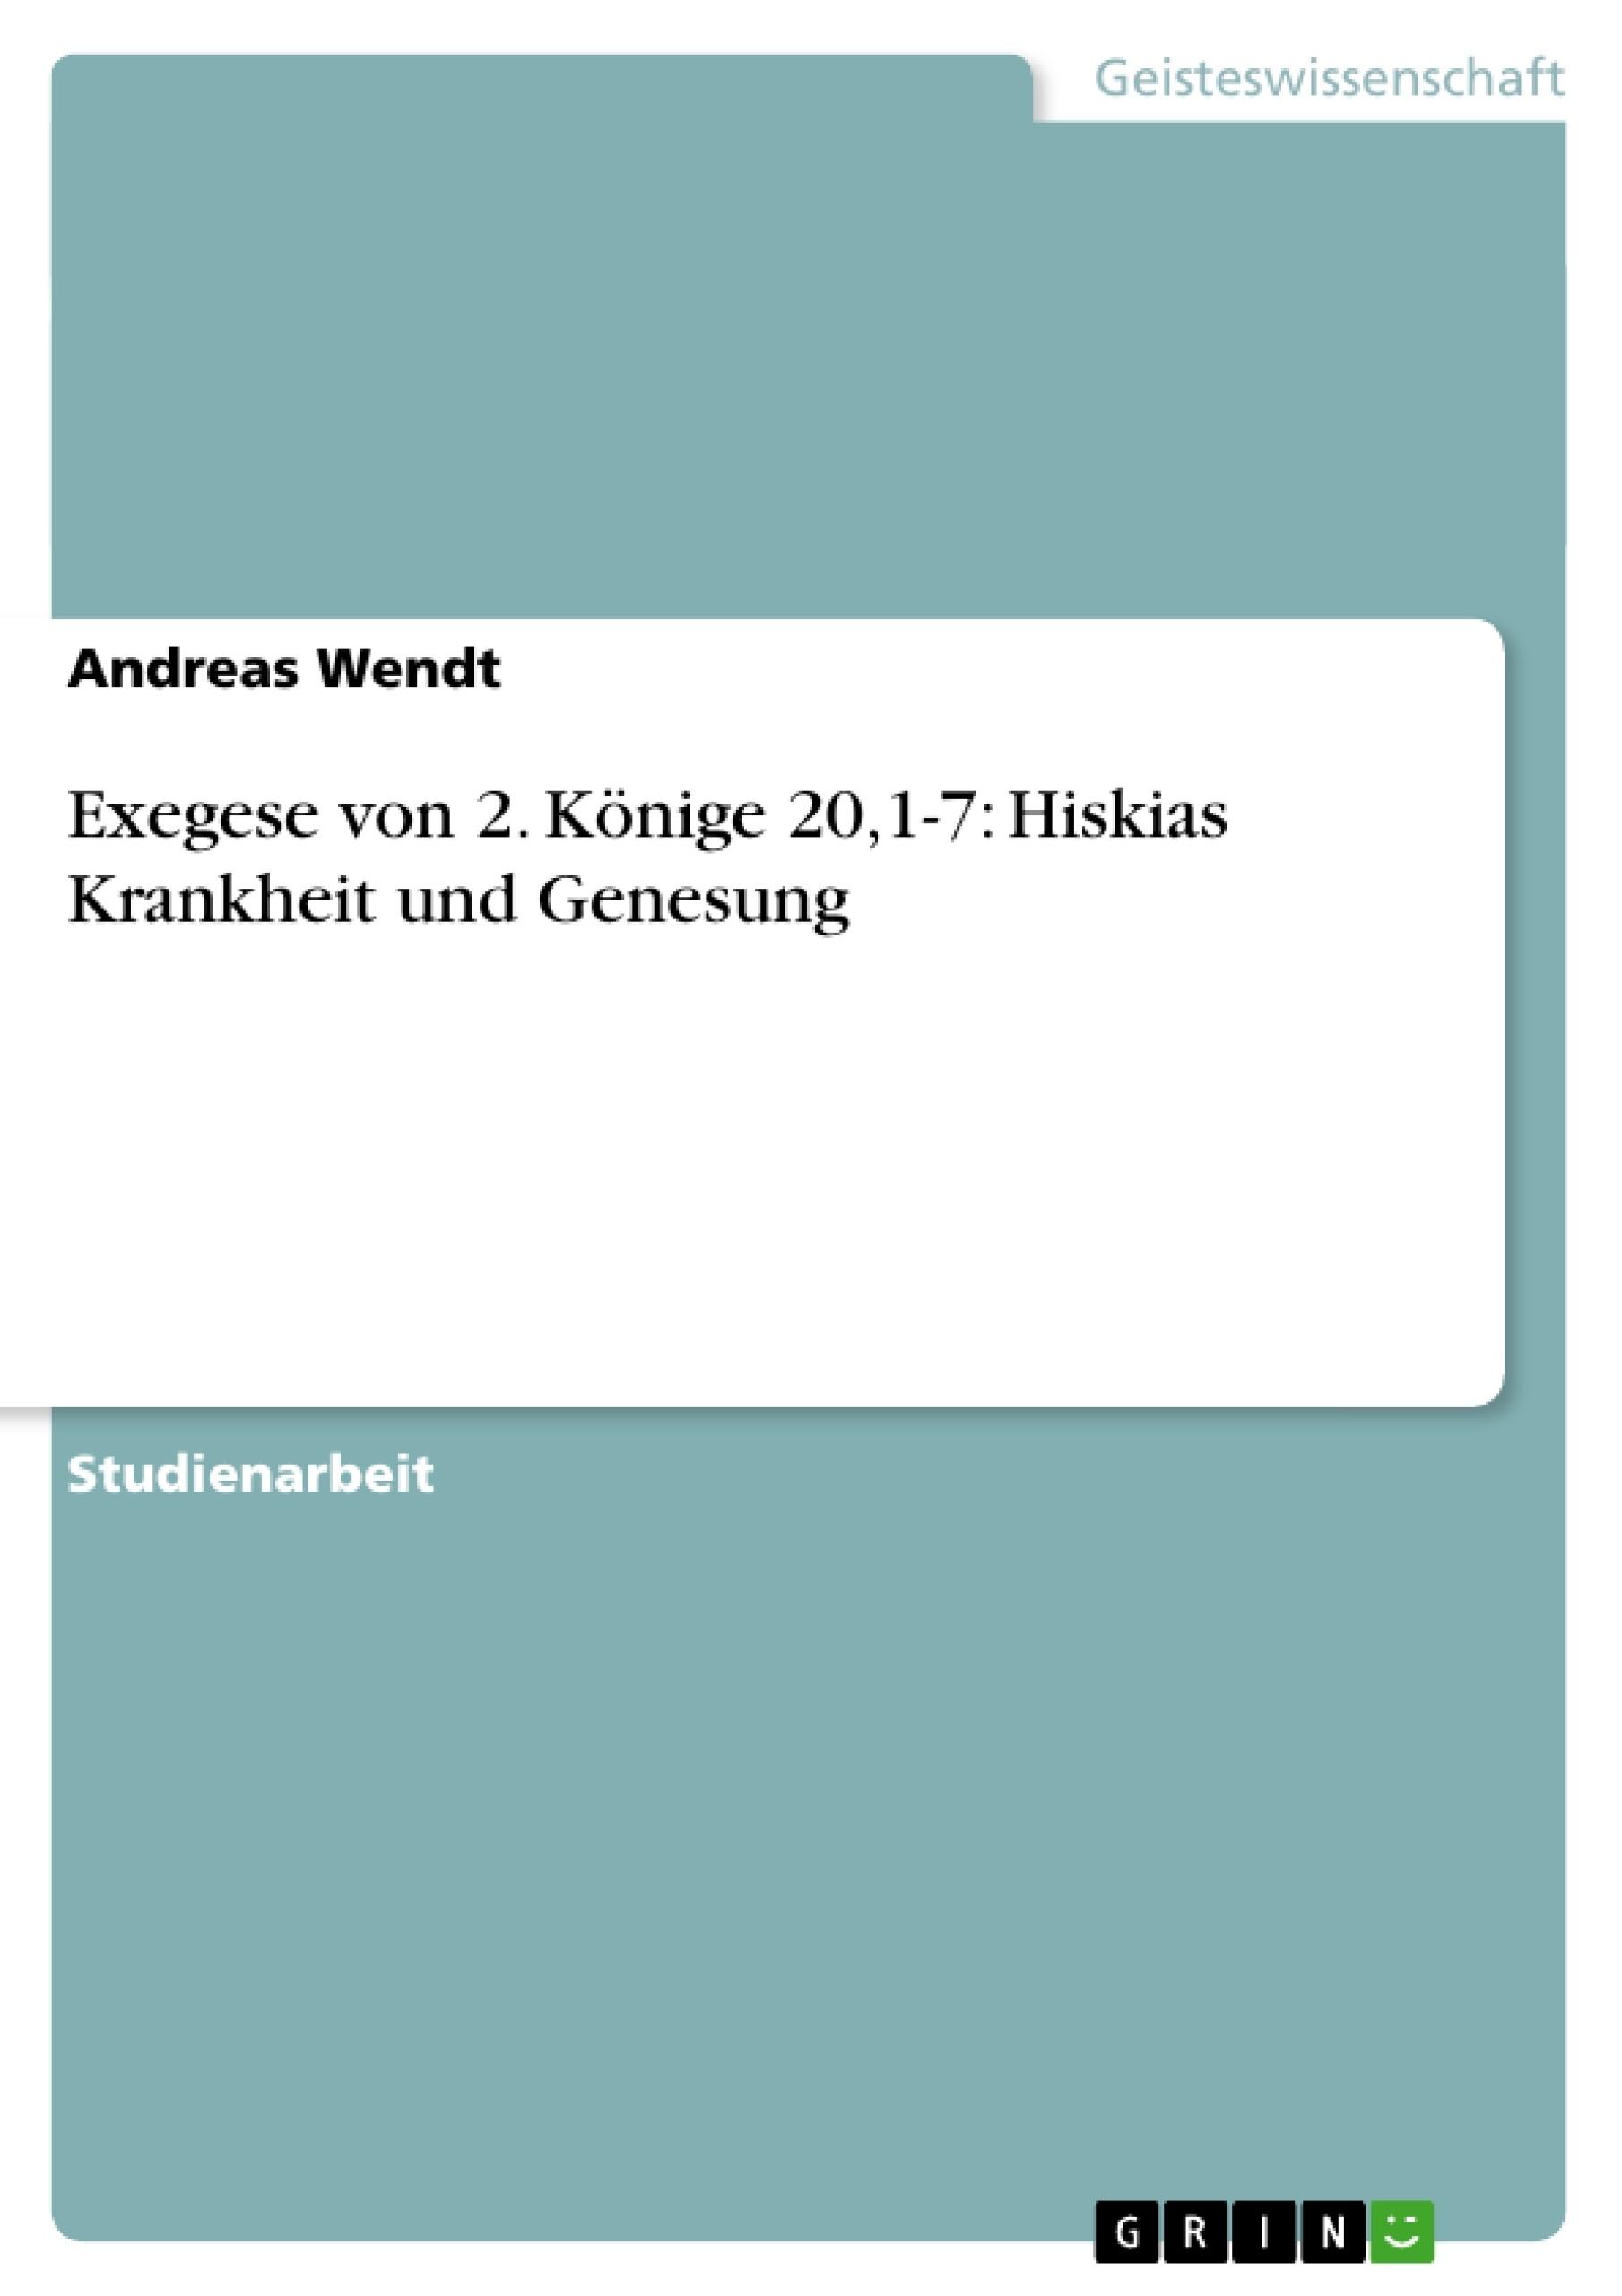 Titel: Exegese von 2. Könige 20,1-7: Hiskias Krankheit und Genesung